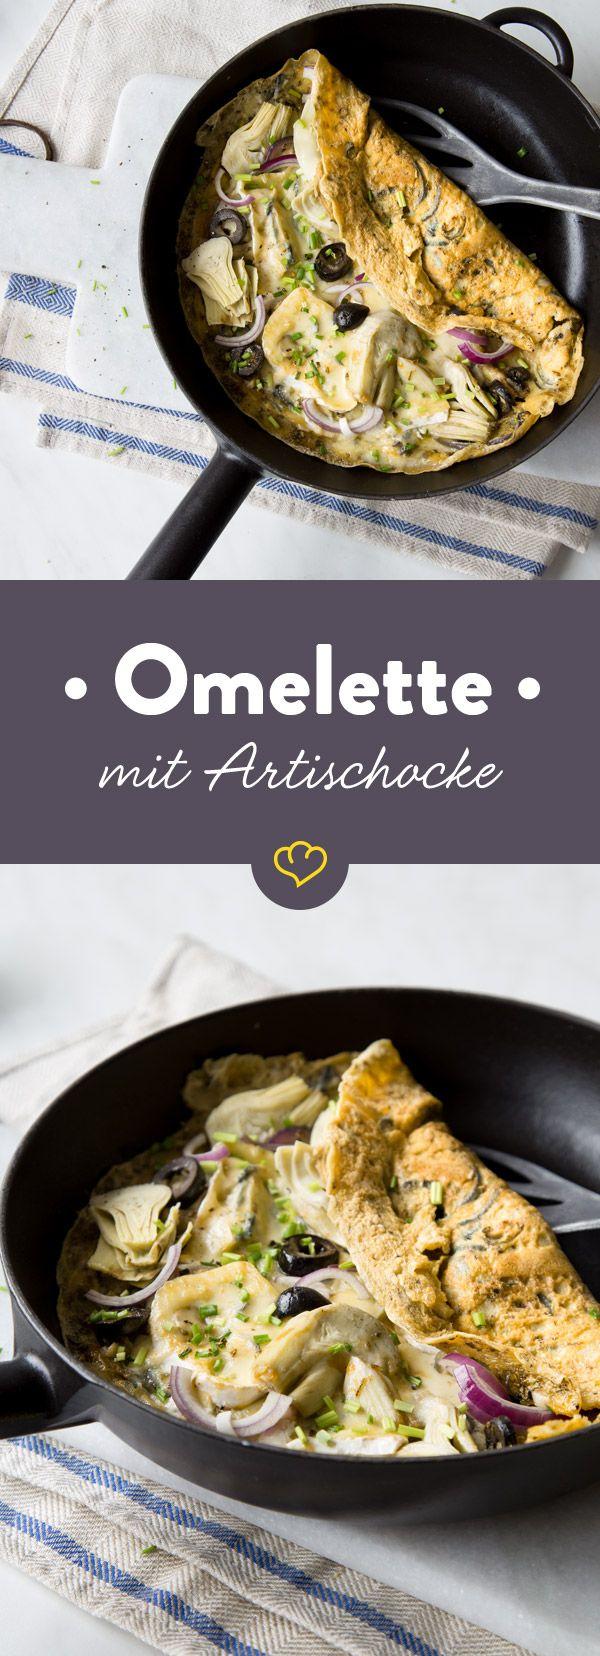 omelette mit artischocke und blauschimmelk se rezept low carb rezepte leicht lecker. Black Bedroom Furniture Sets. Home Design Ideas